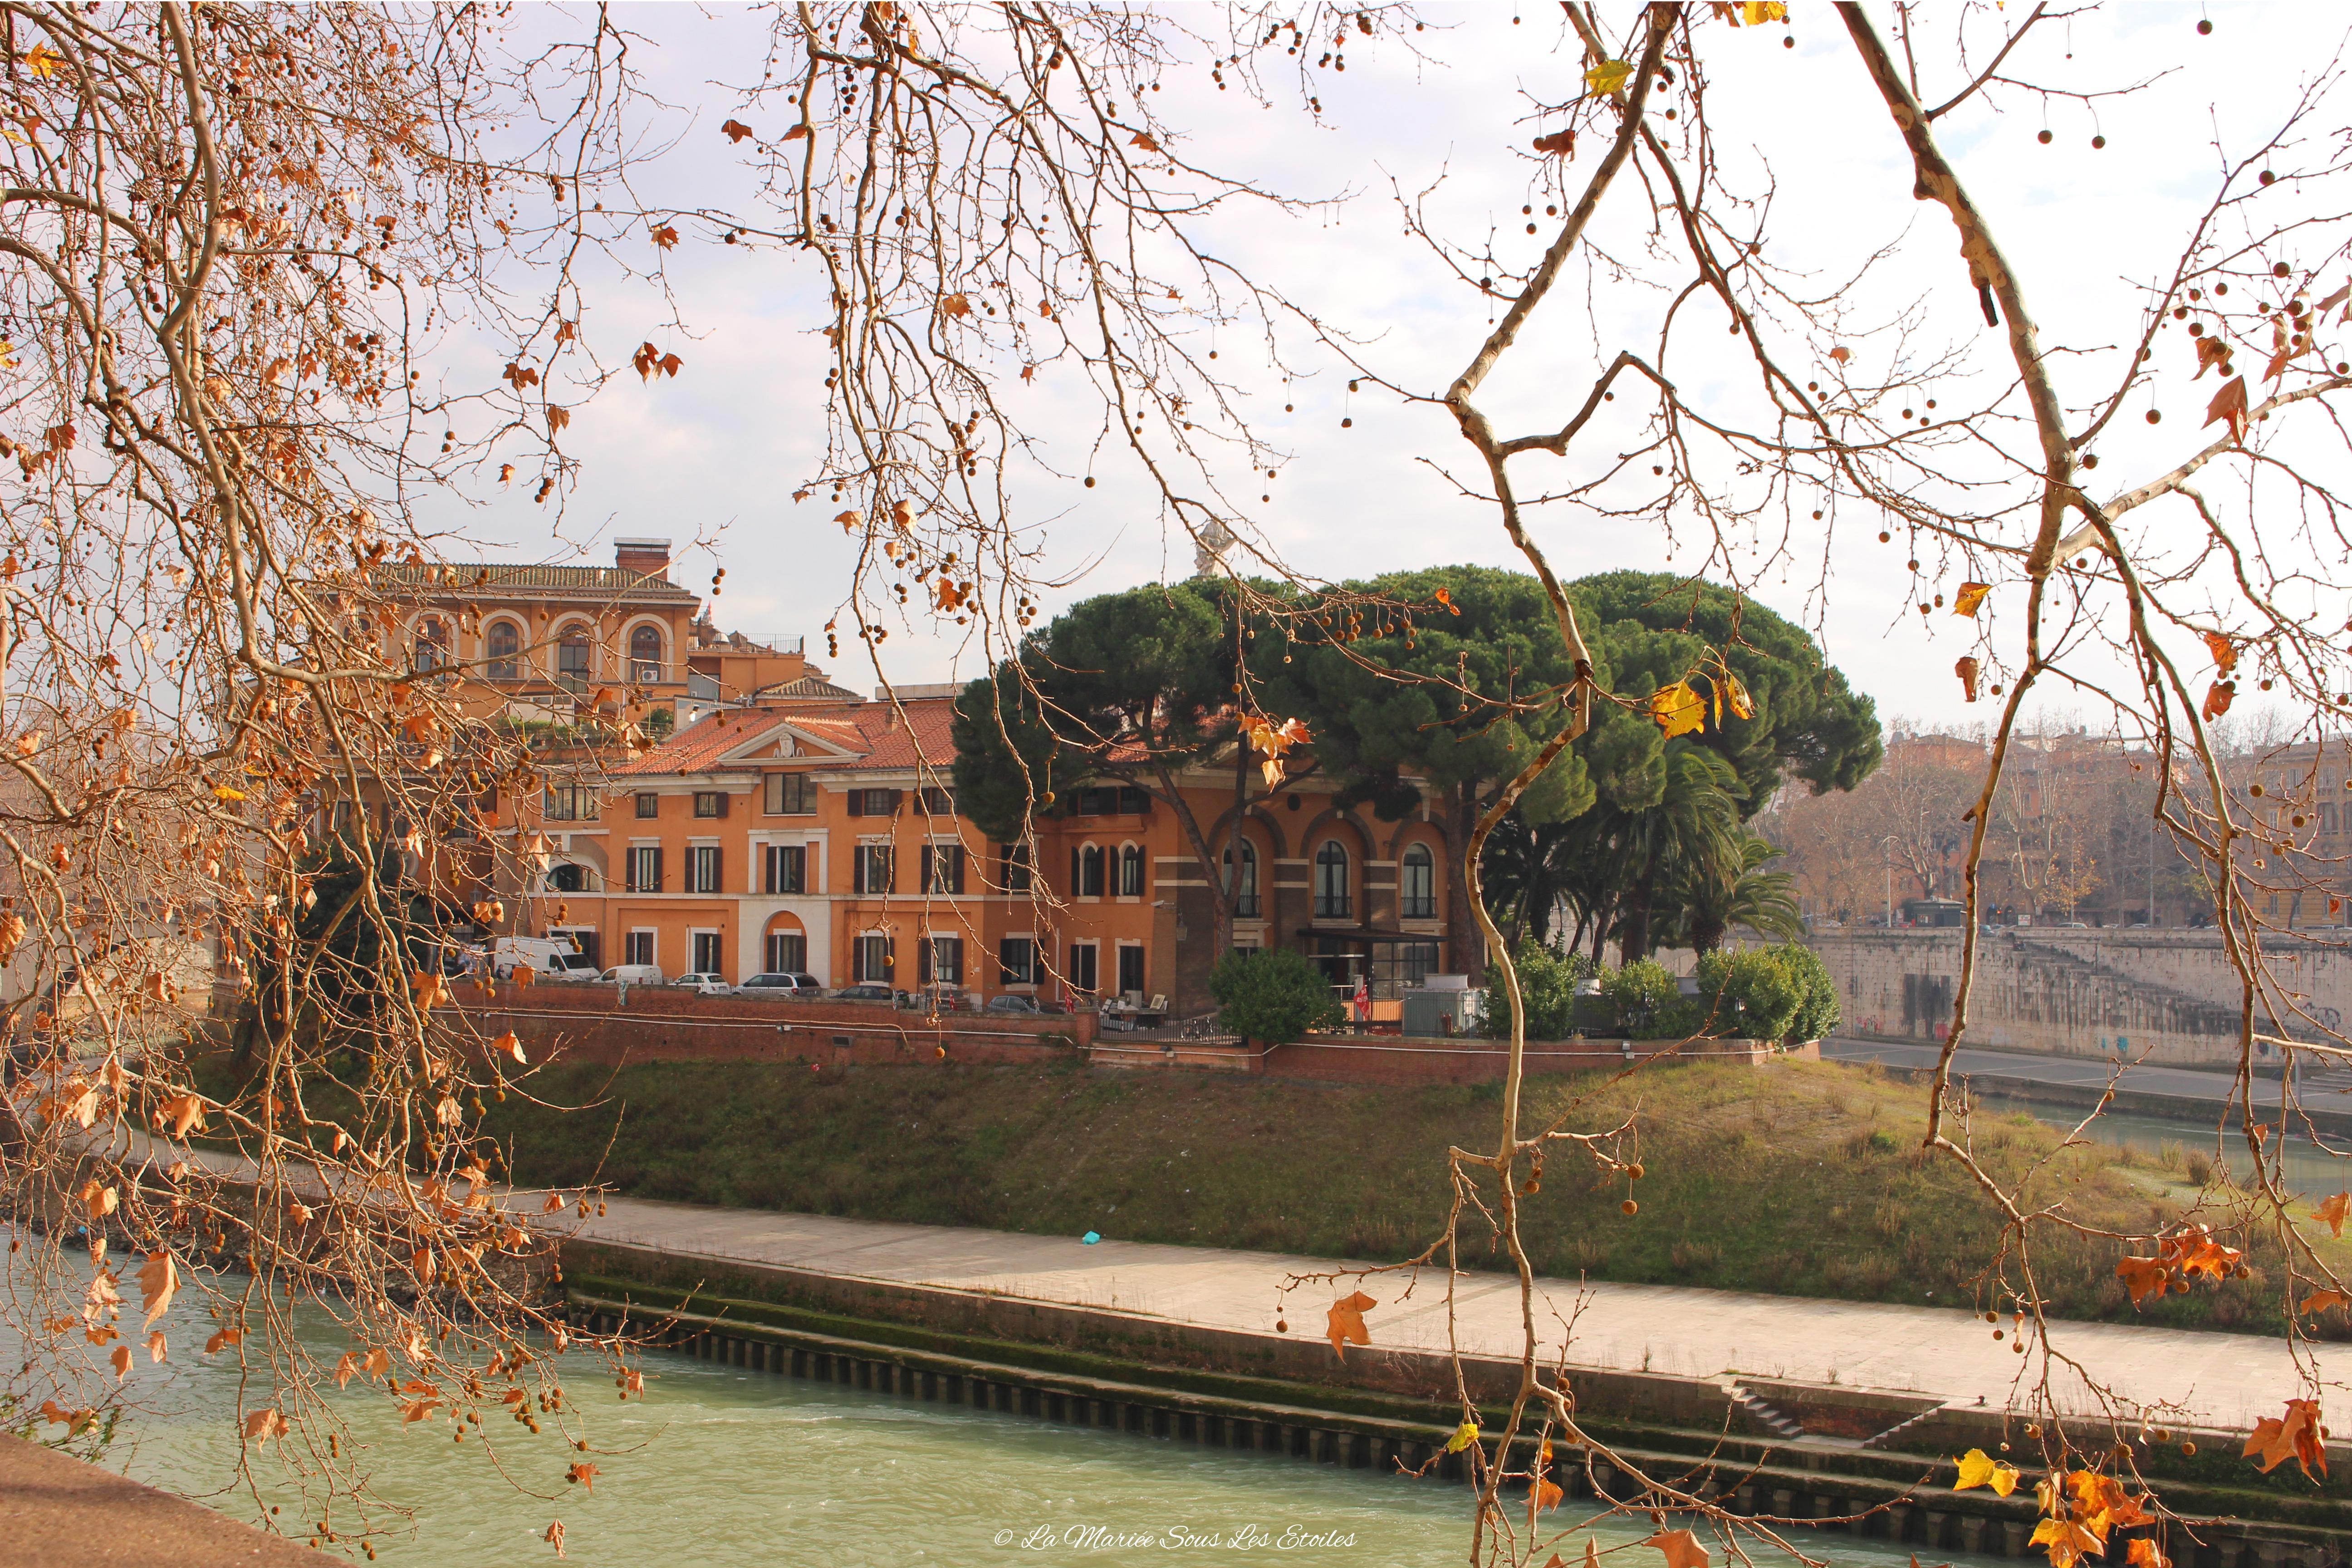 Tibre, île Tibérine | Voyage en amoureux - Rome, la cité éternelle